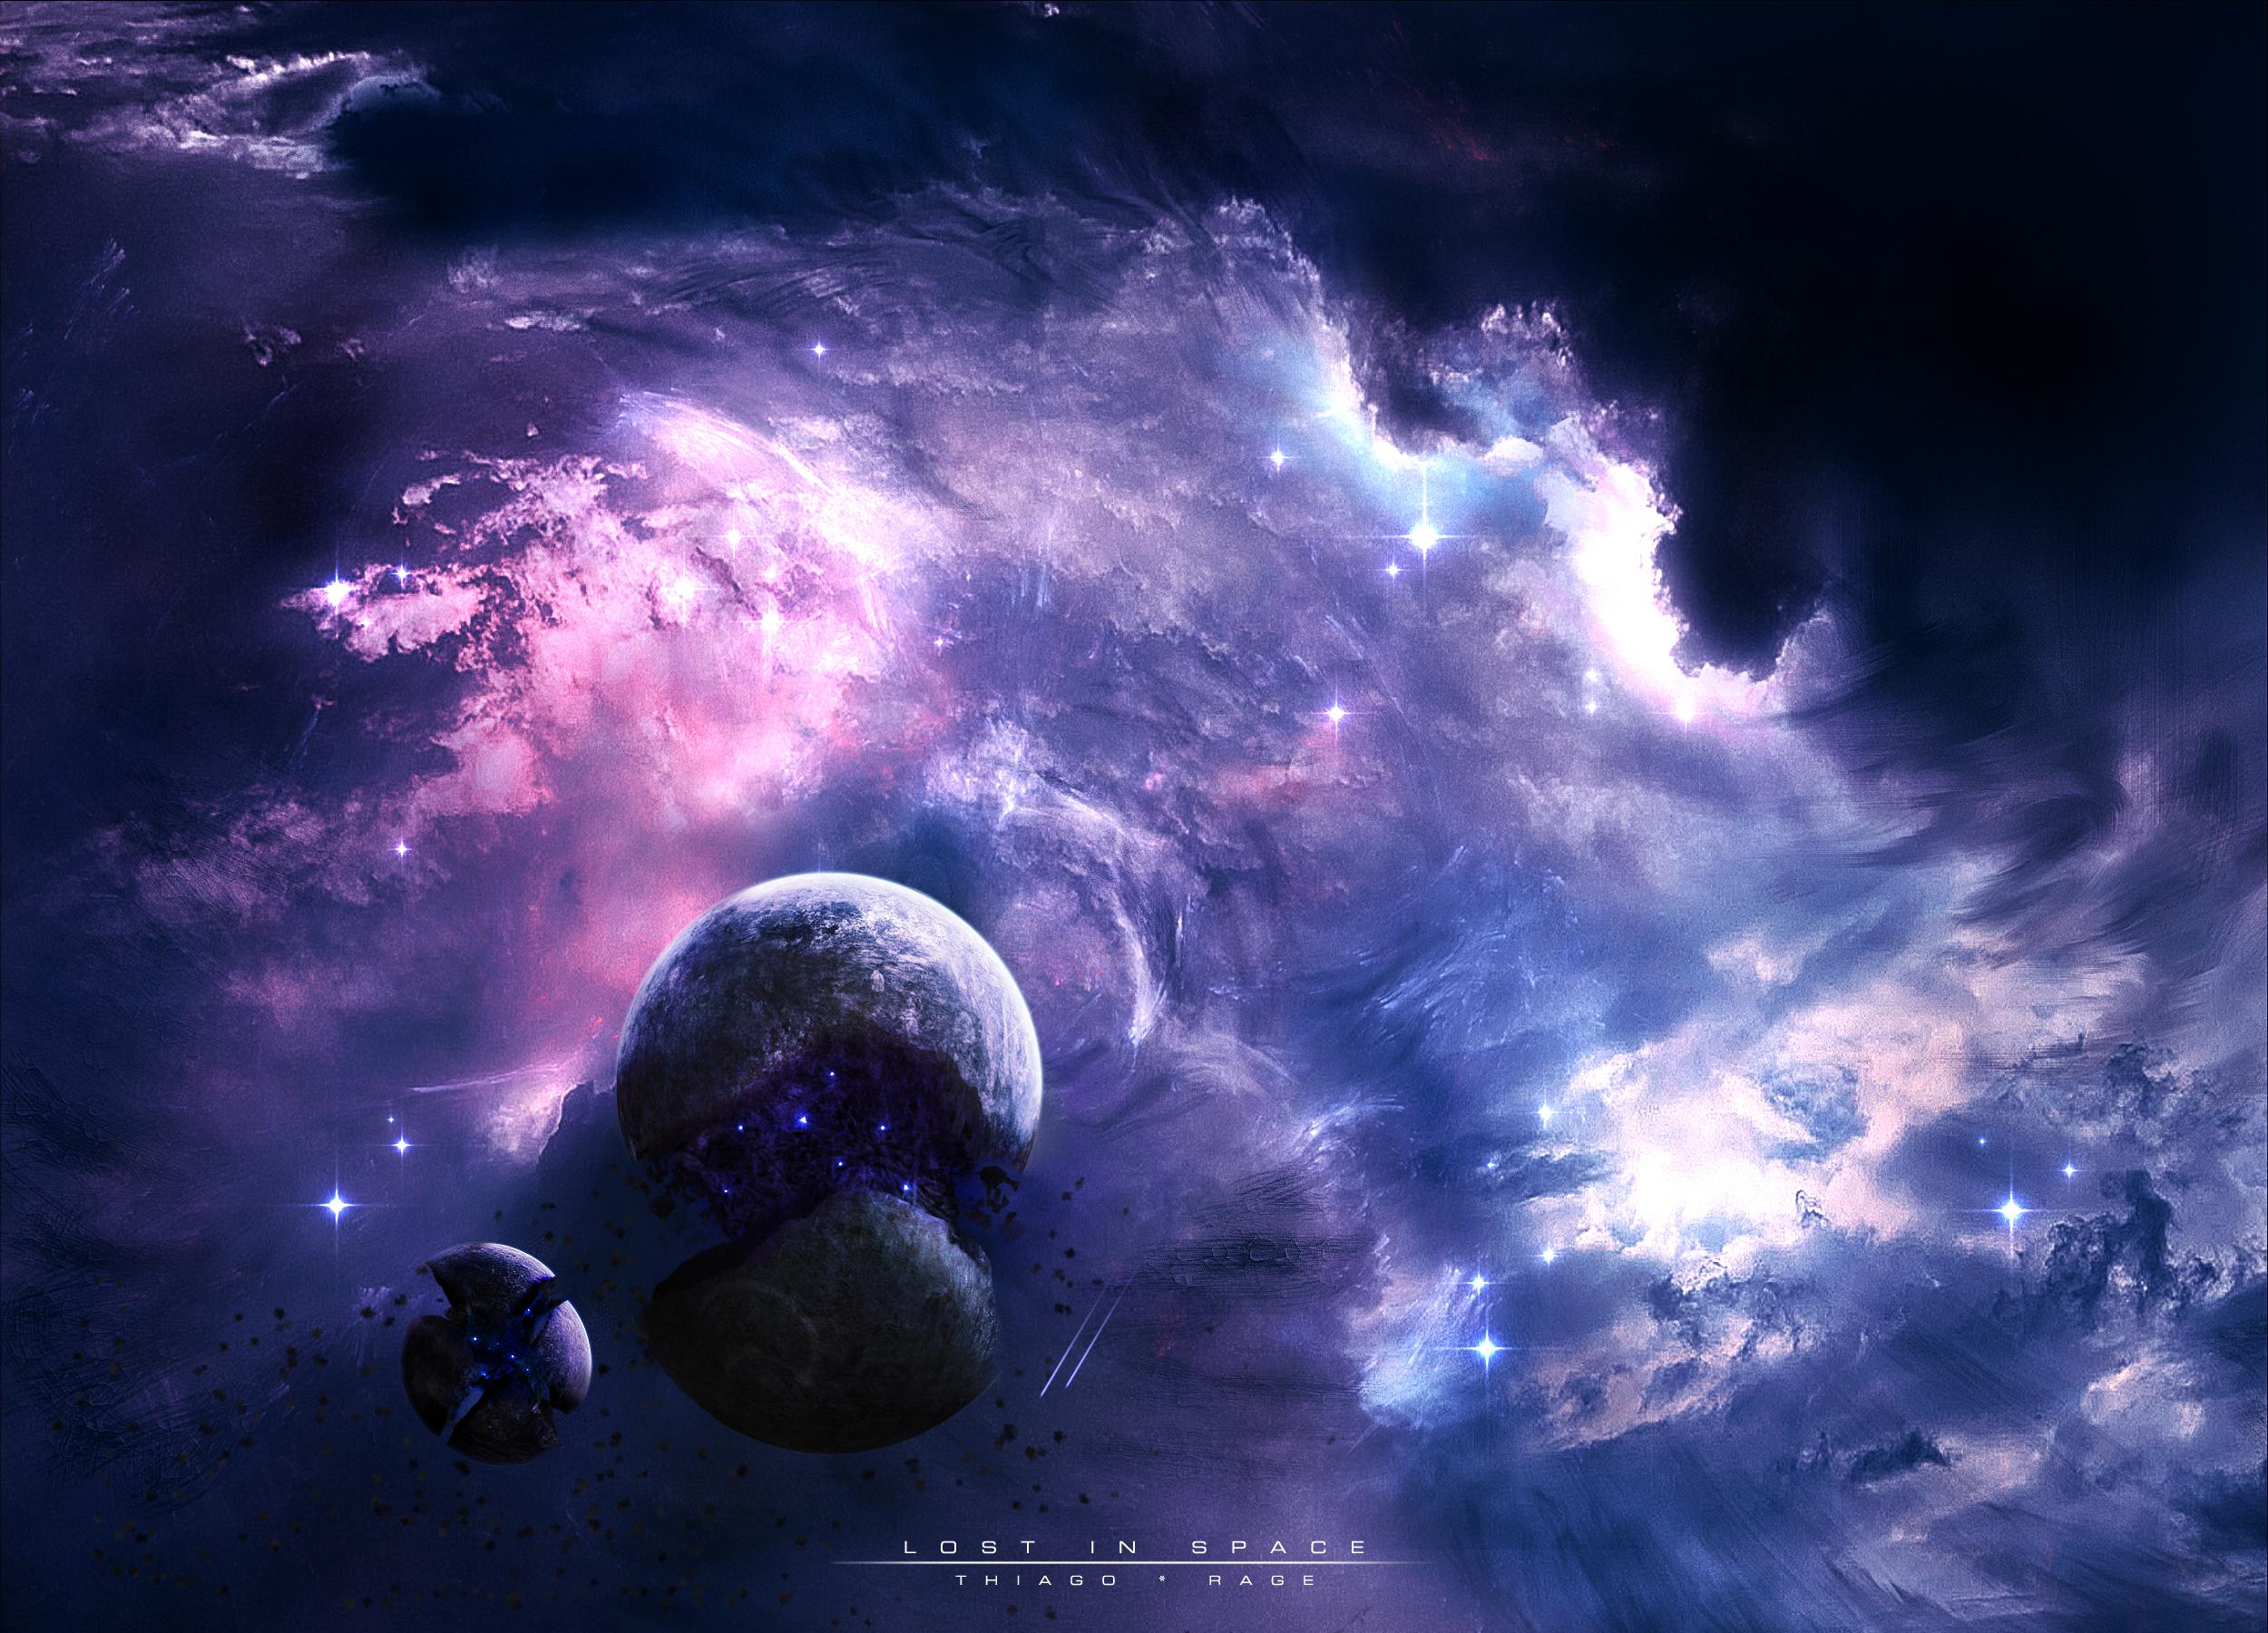 Обои Восход на орбите картинки на рабочий стол на тему Космос - скачать  № 1761511 бесплатно